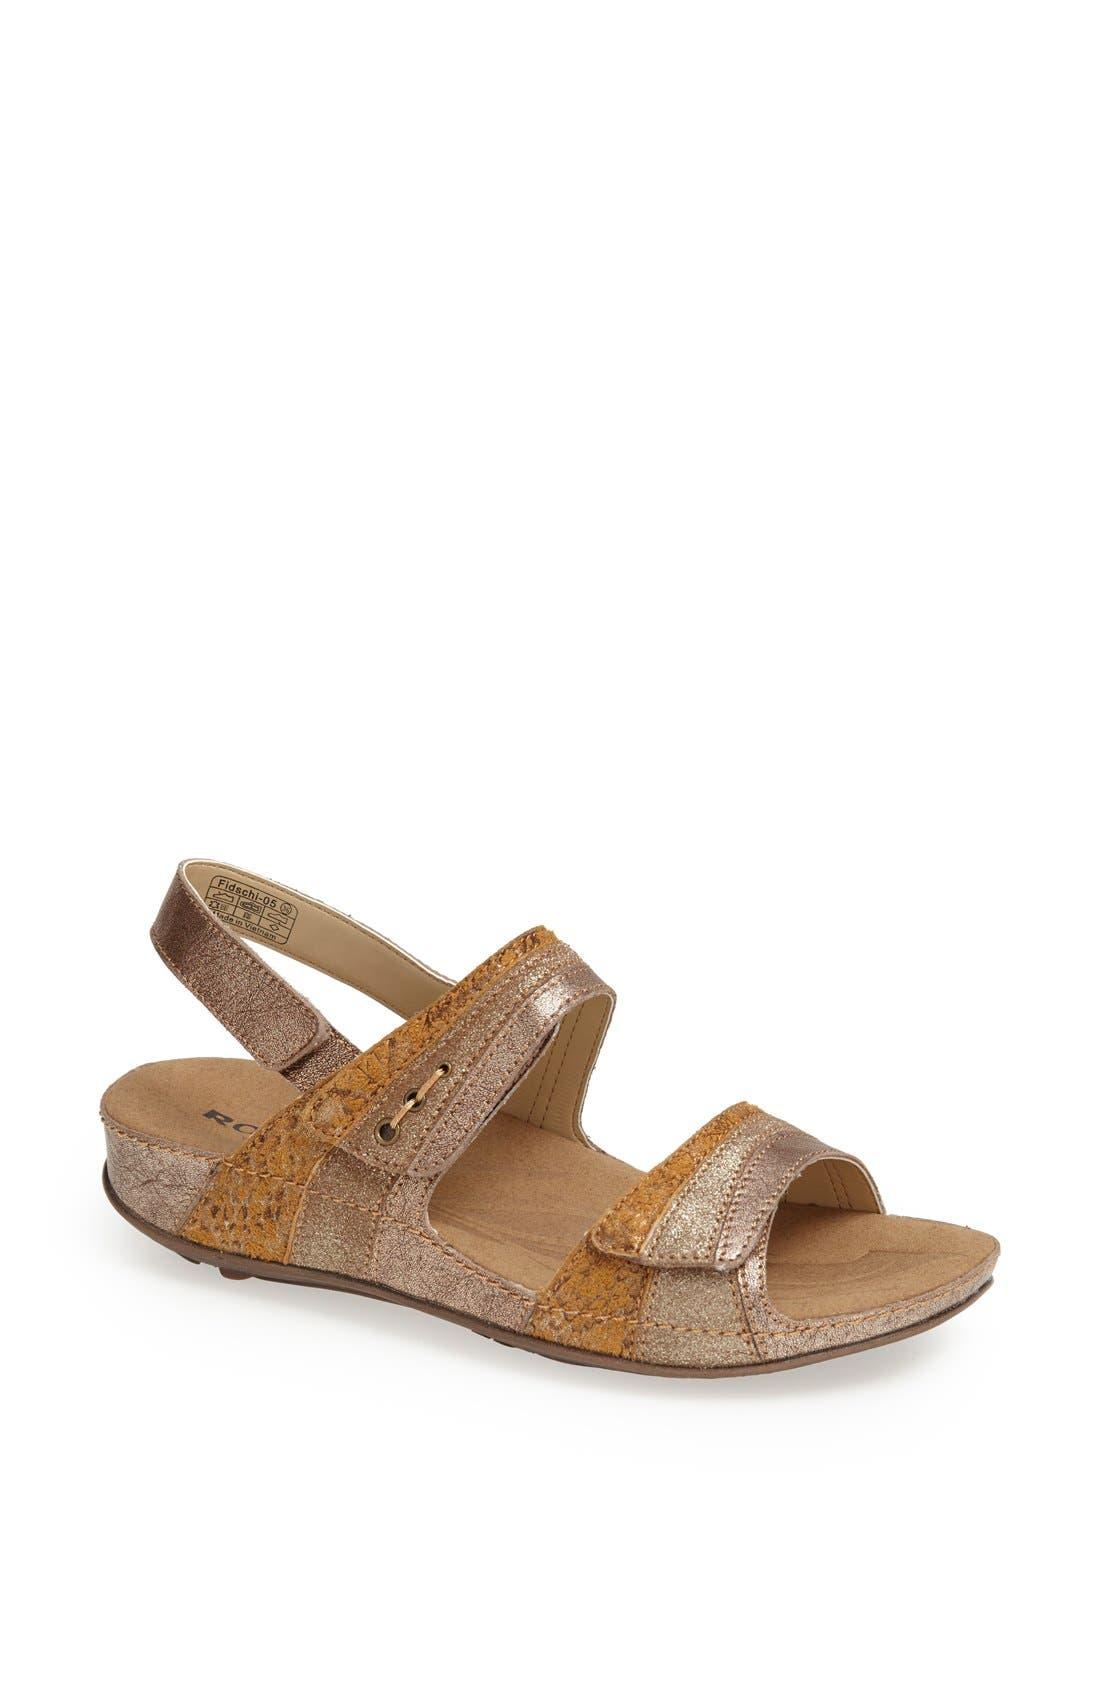 Alternate Image 1 Selected - Romika® 'Fidschi 05' Sandal